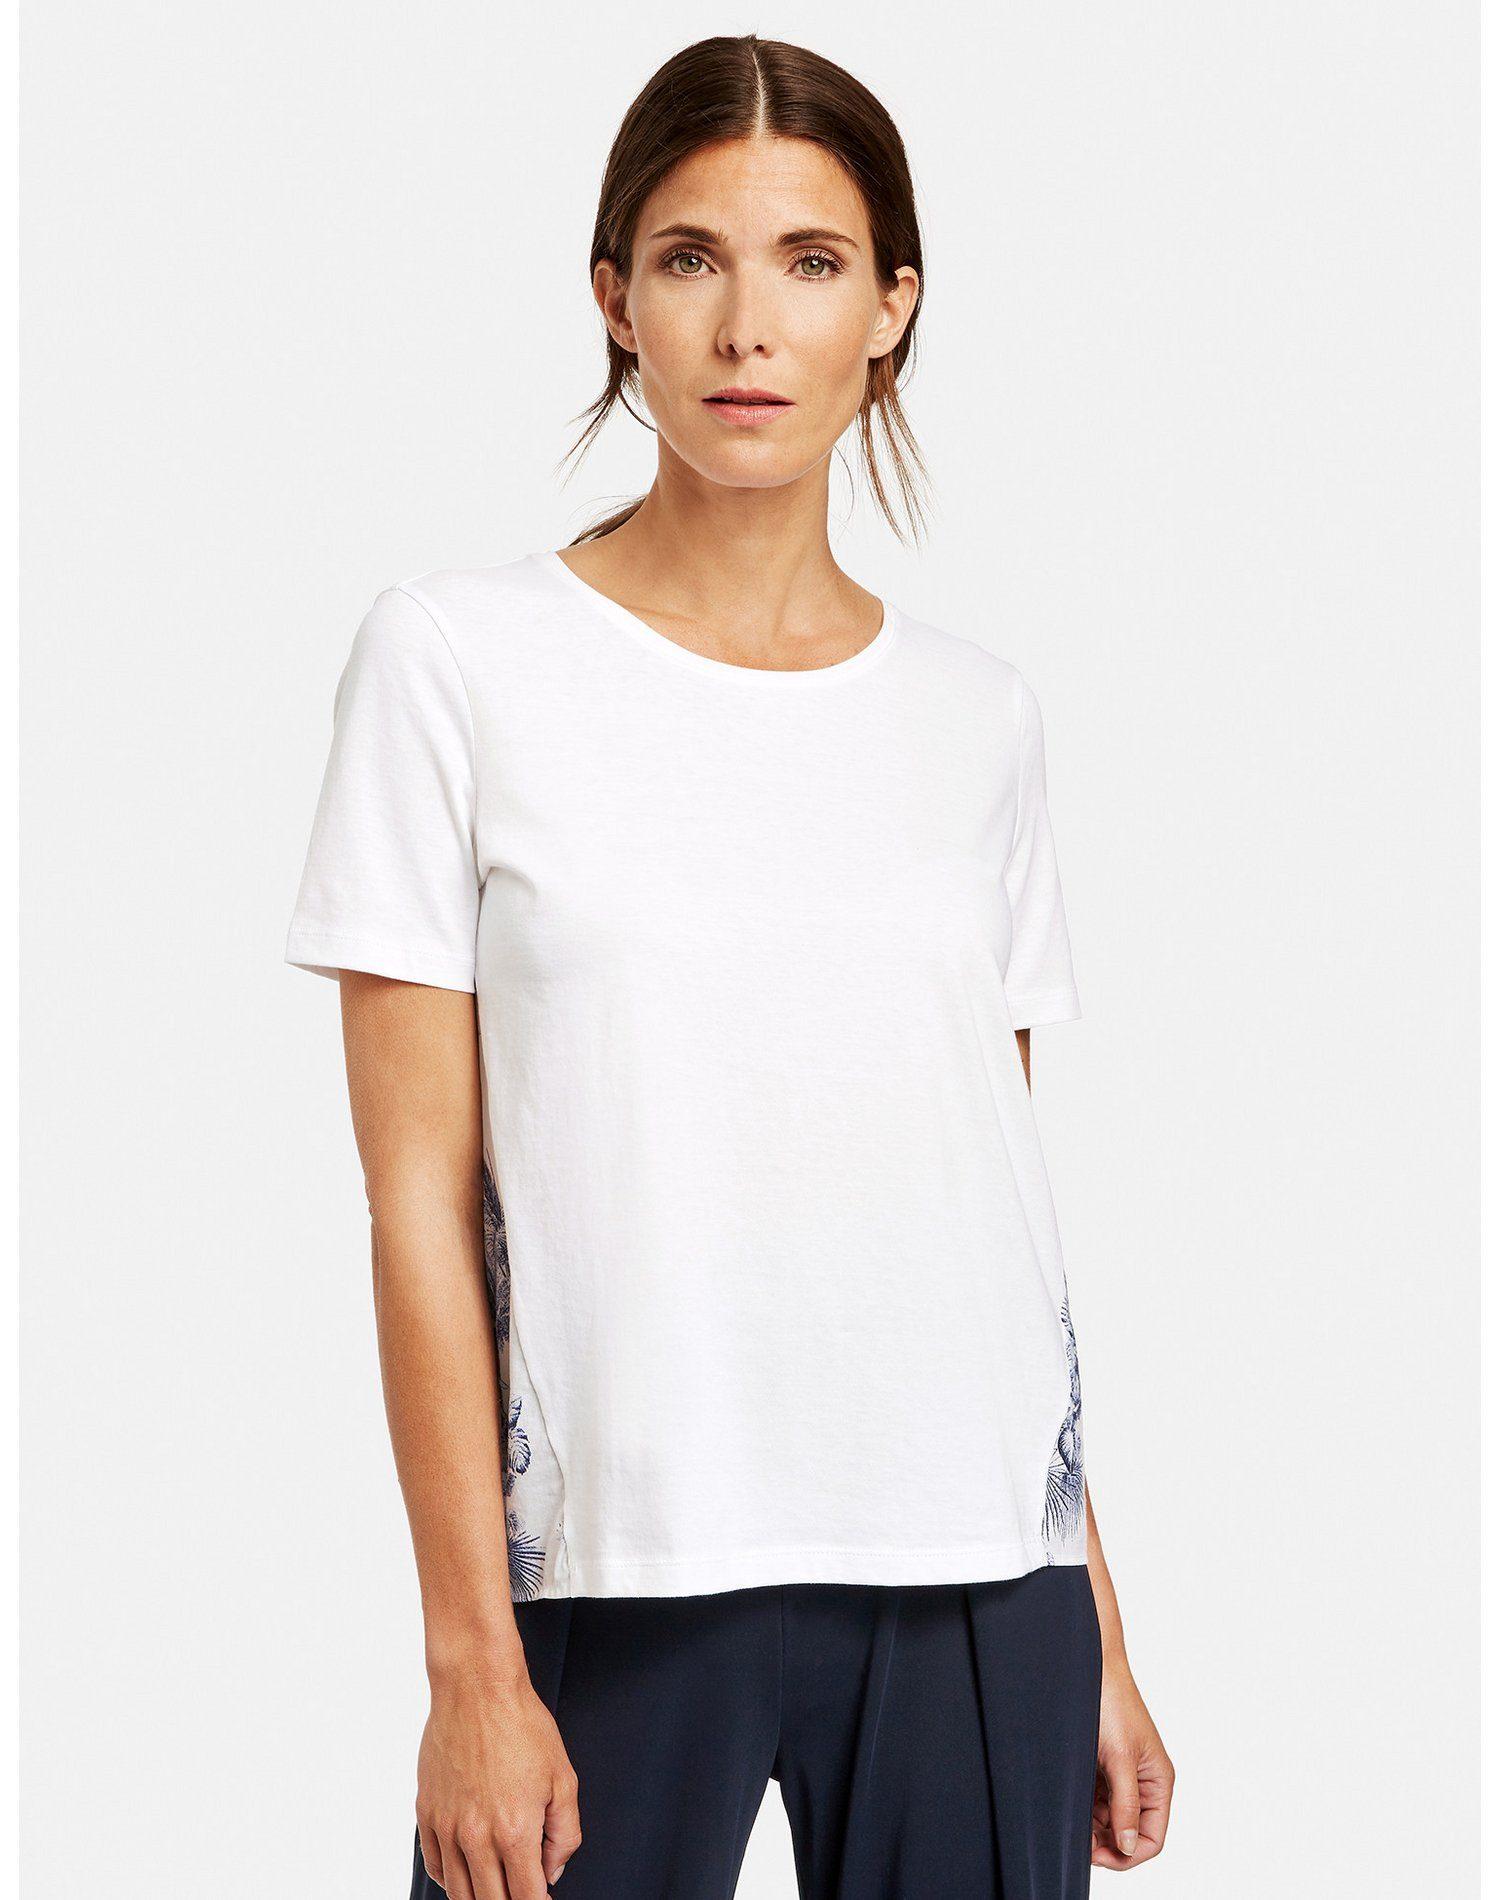 Gerry Weber T-shirt Met Korte Mouwen In De Online Winkel - Geweldige Prijs